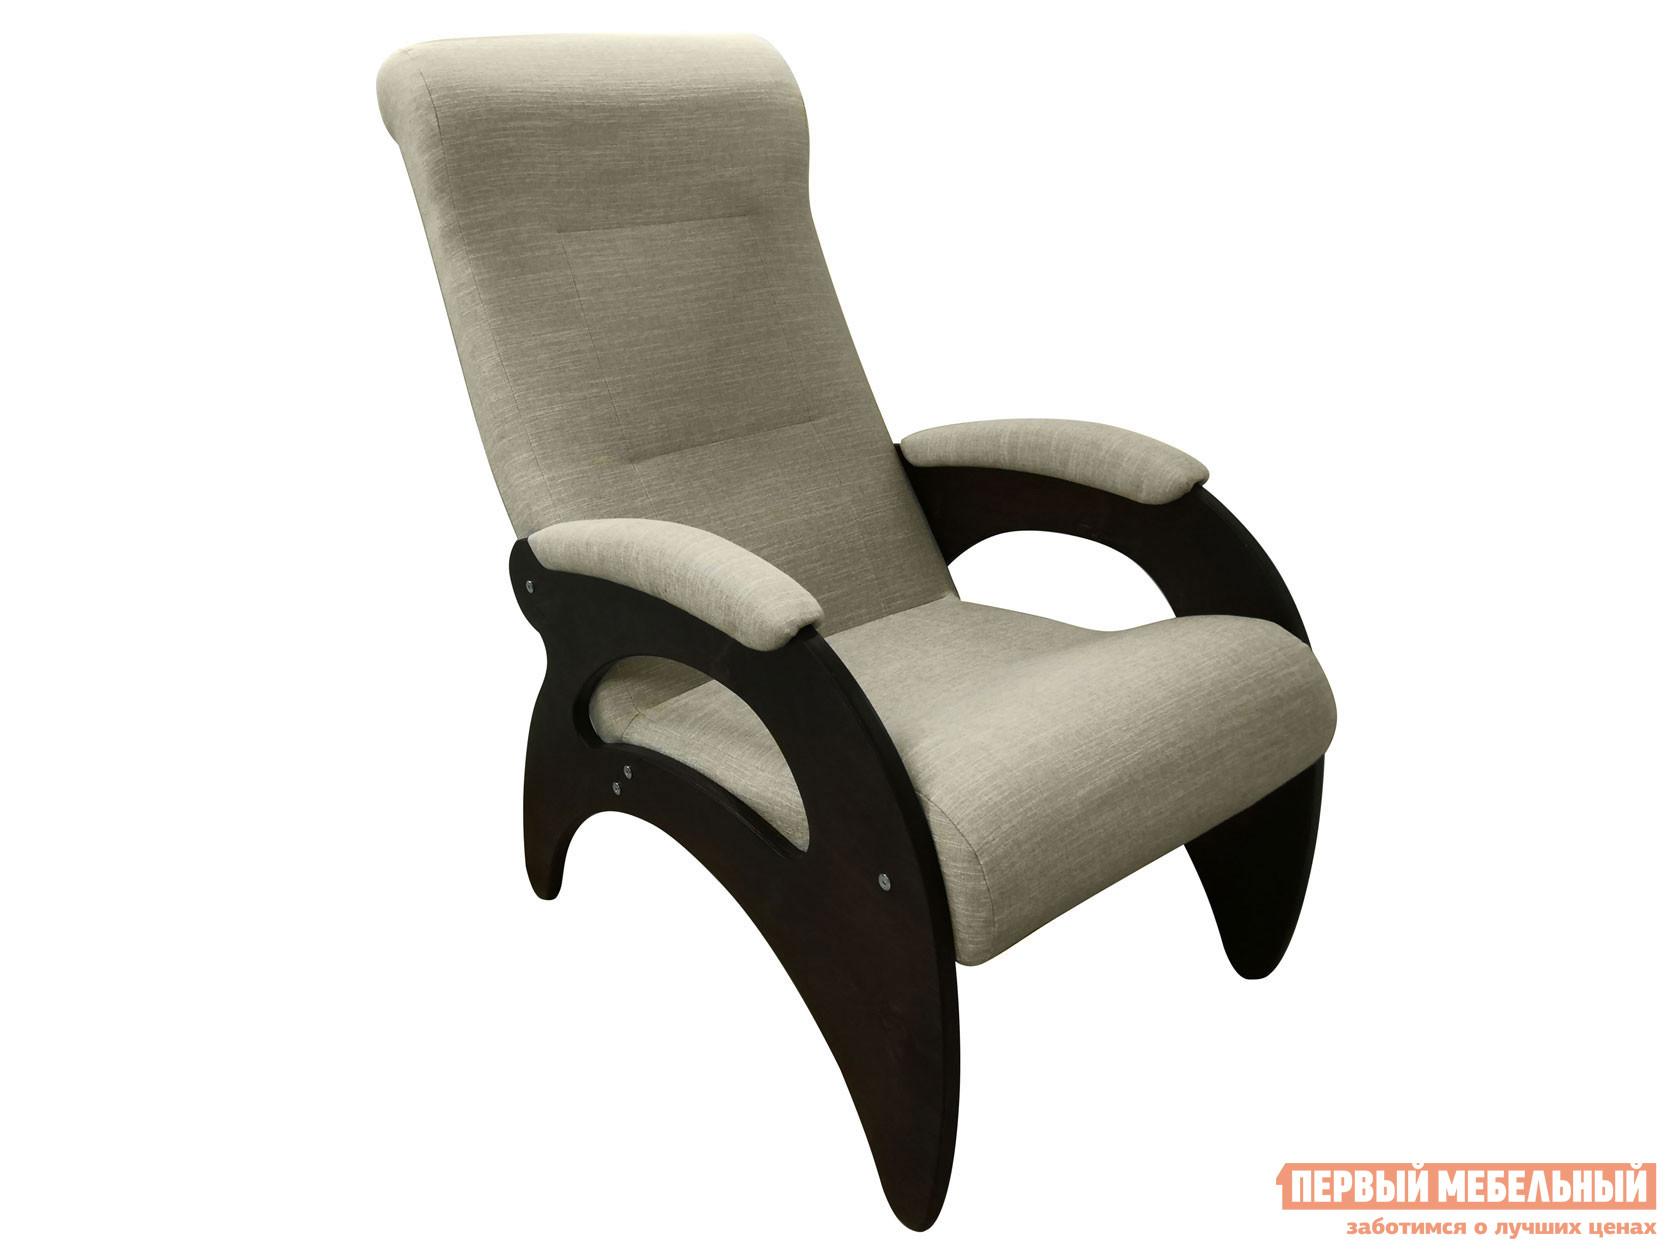 Кресло  Мария Темный орех / Серебристый, рогожка Мебвилл 127327